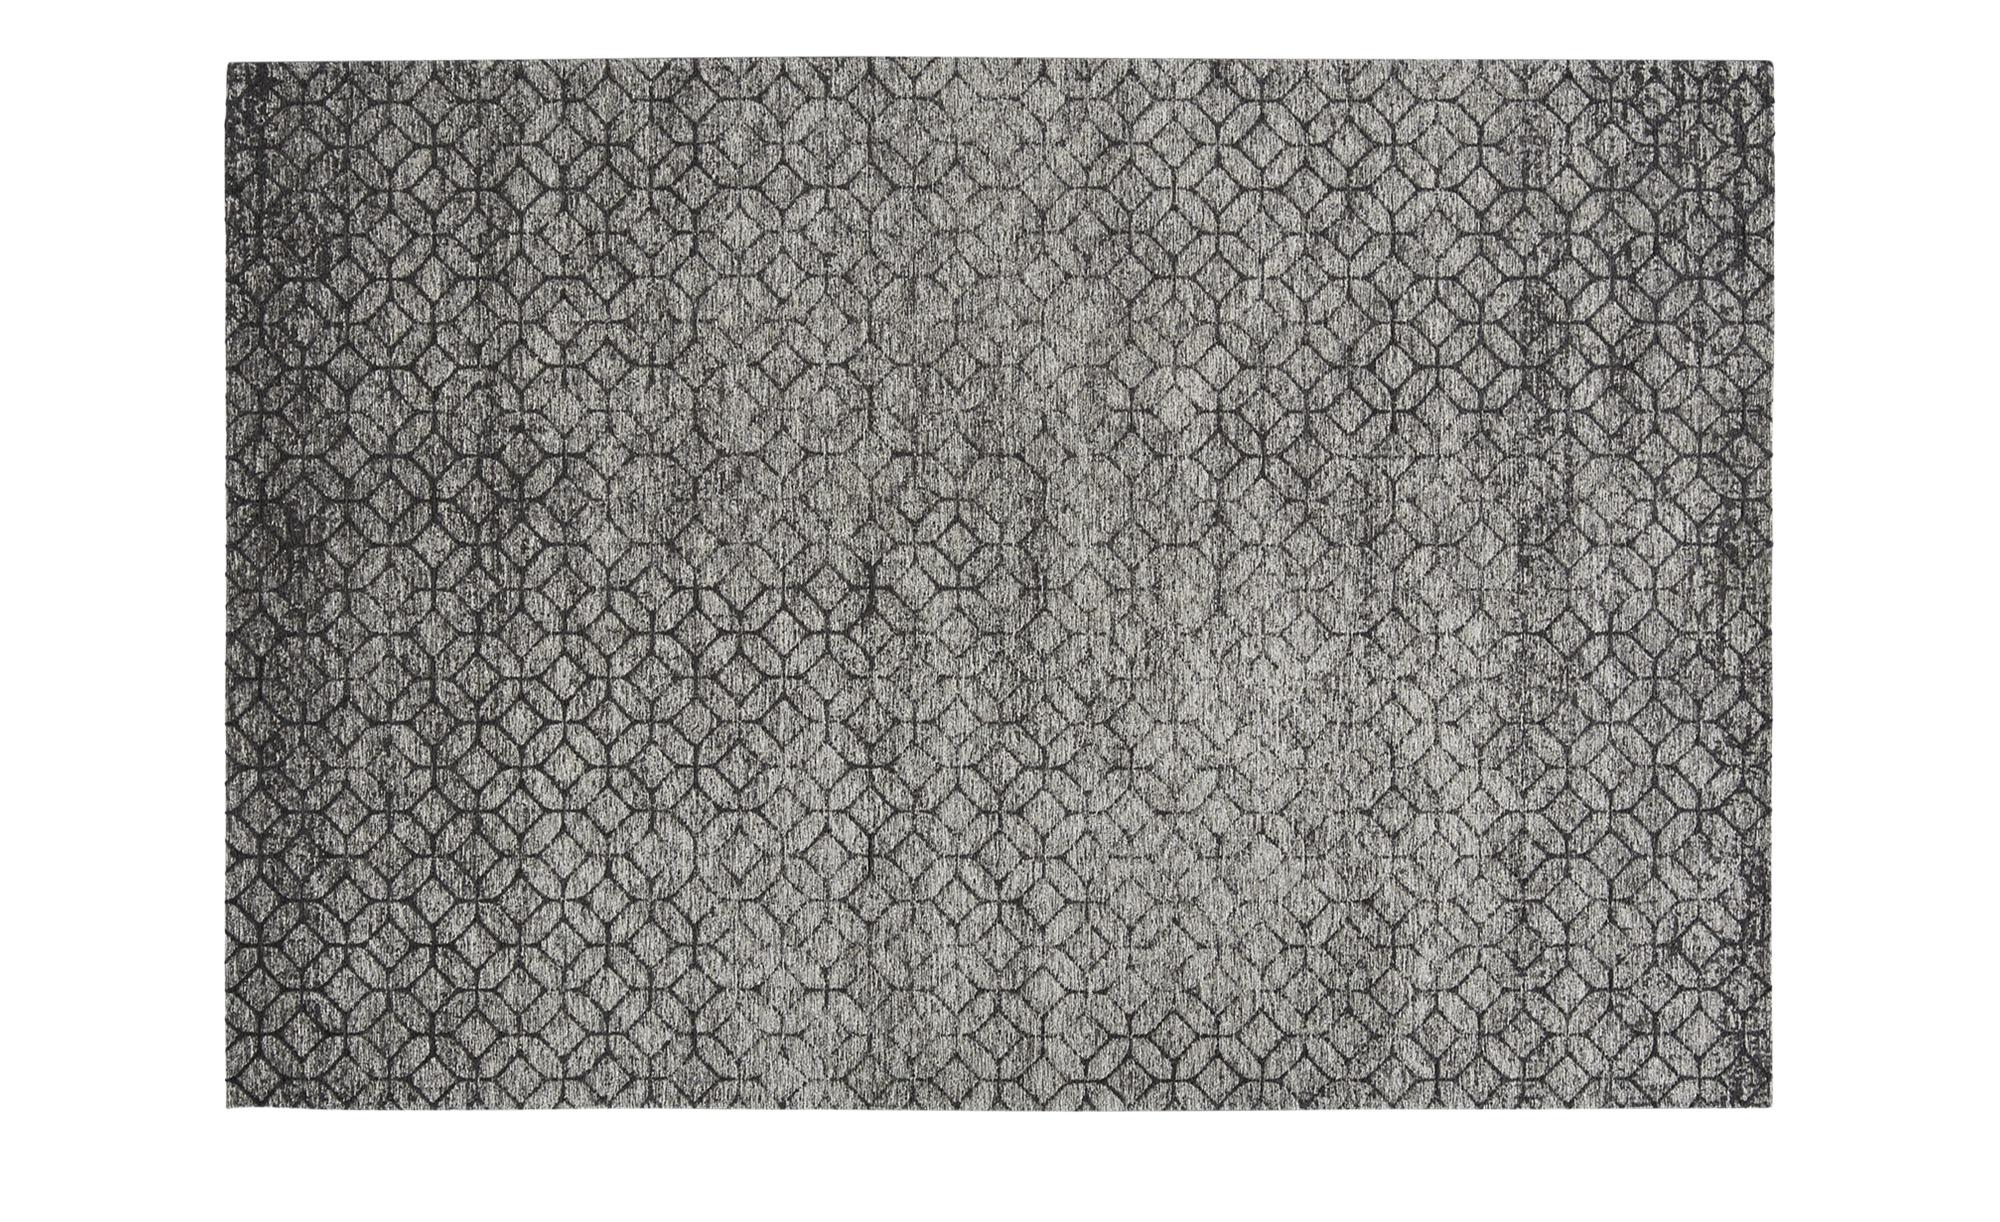 Webteppich  Harmonie 2000 ¦ grau ¦ 34% Baumwolle, 33% Polyethylen, 33% Chenille Acryl ¦ Maße (cm): B: 80 Teppiche > Wohnteppiche - Höffner